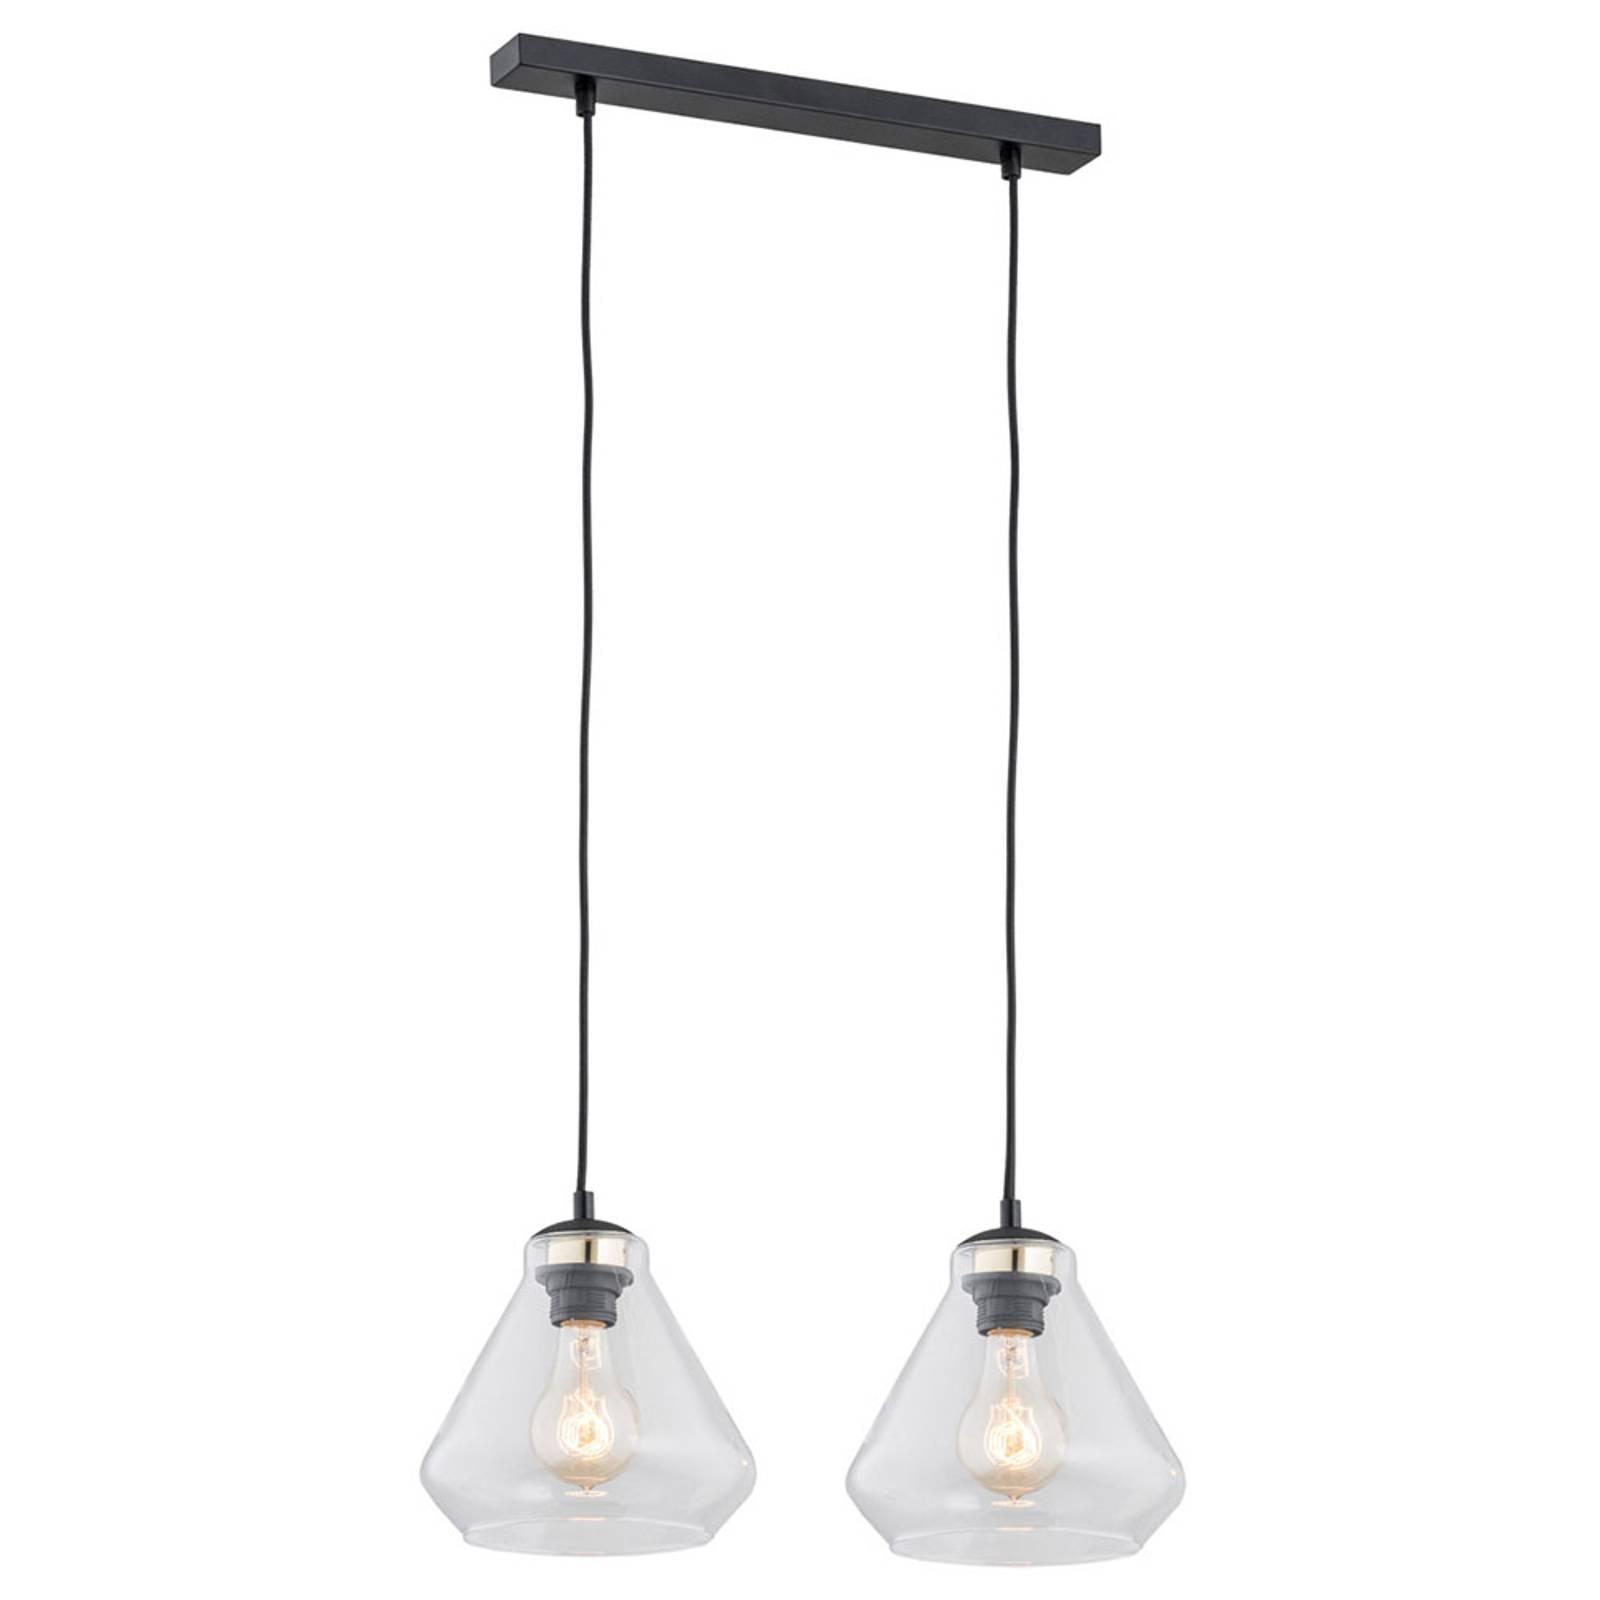 Suspension Destin à 2 lampes, transparente/noire